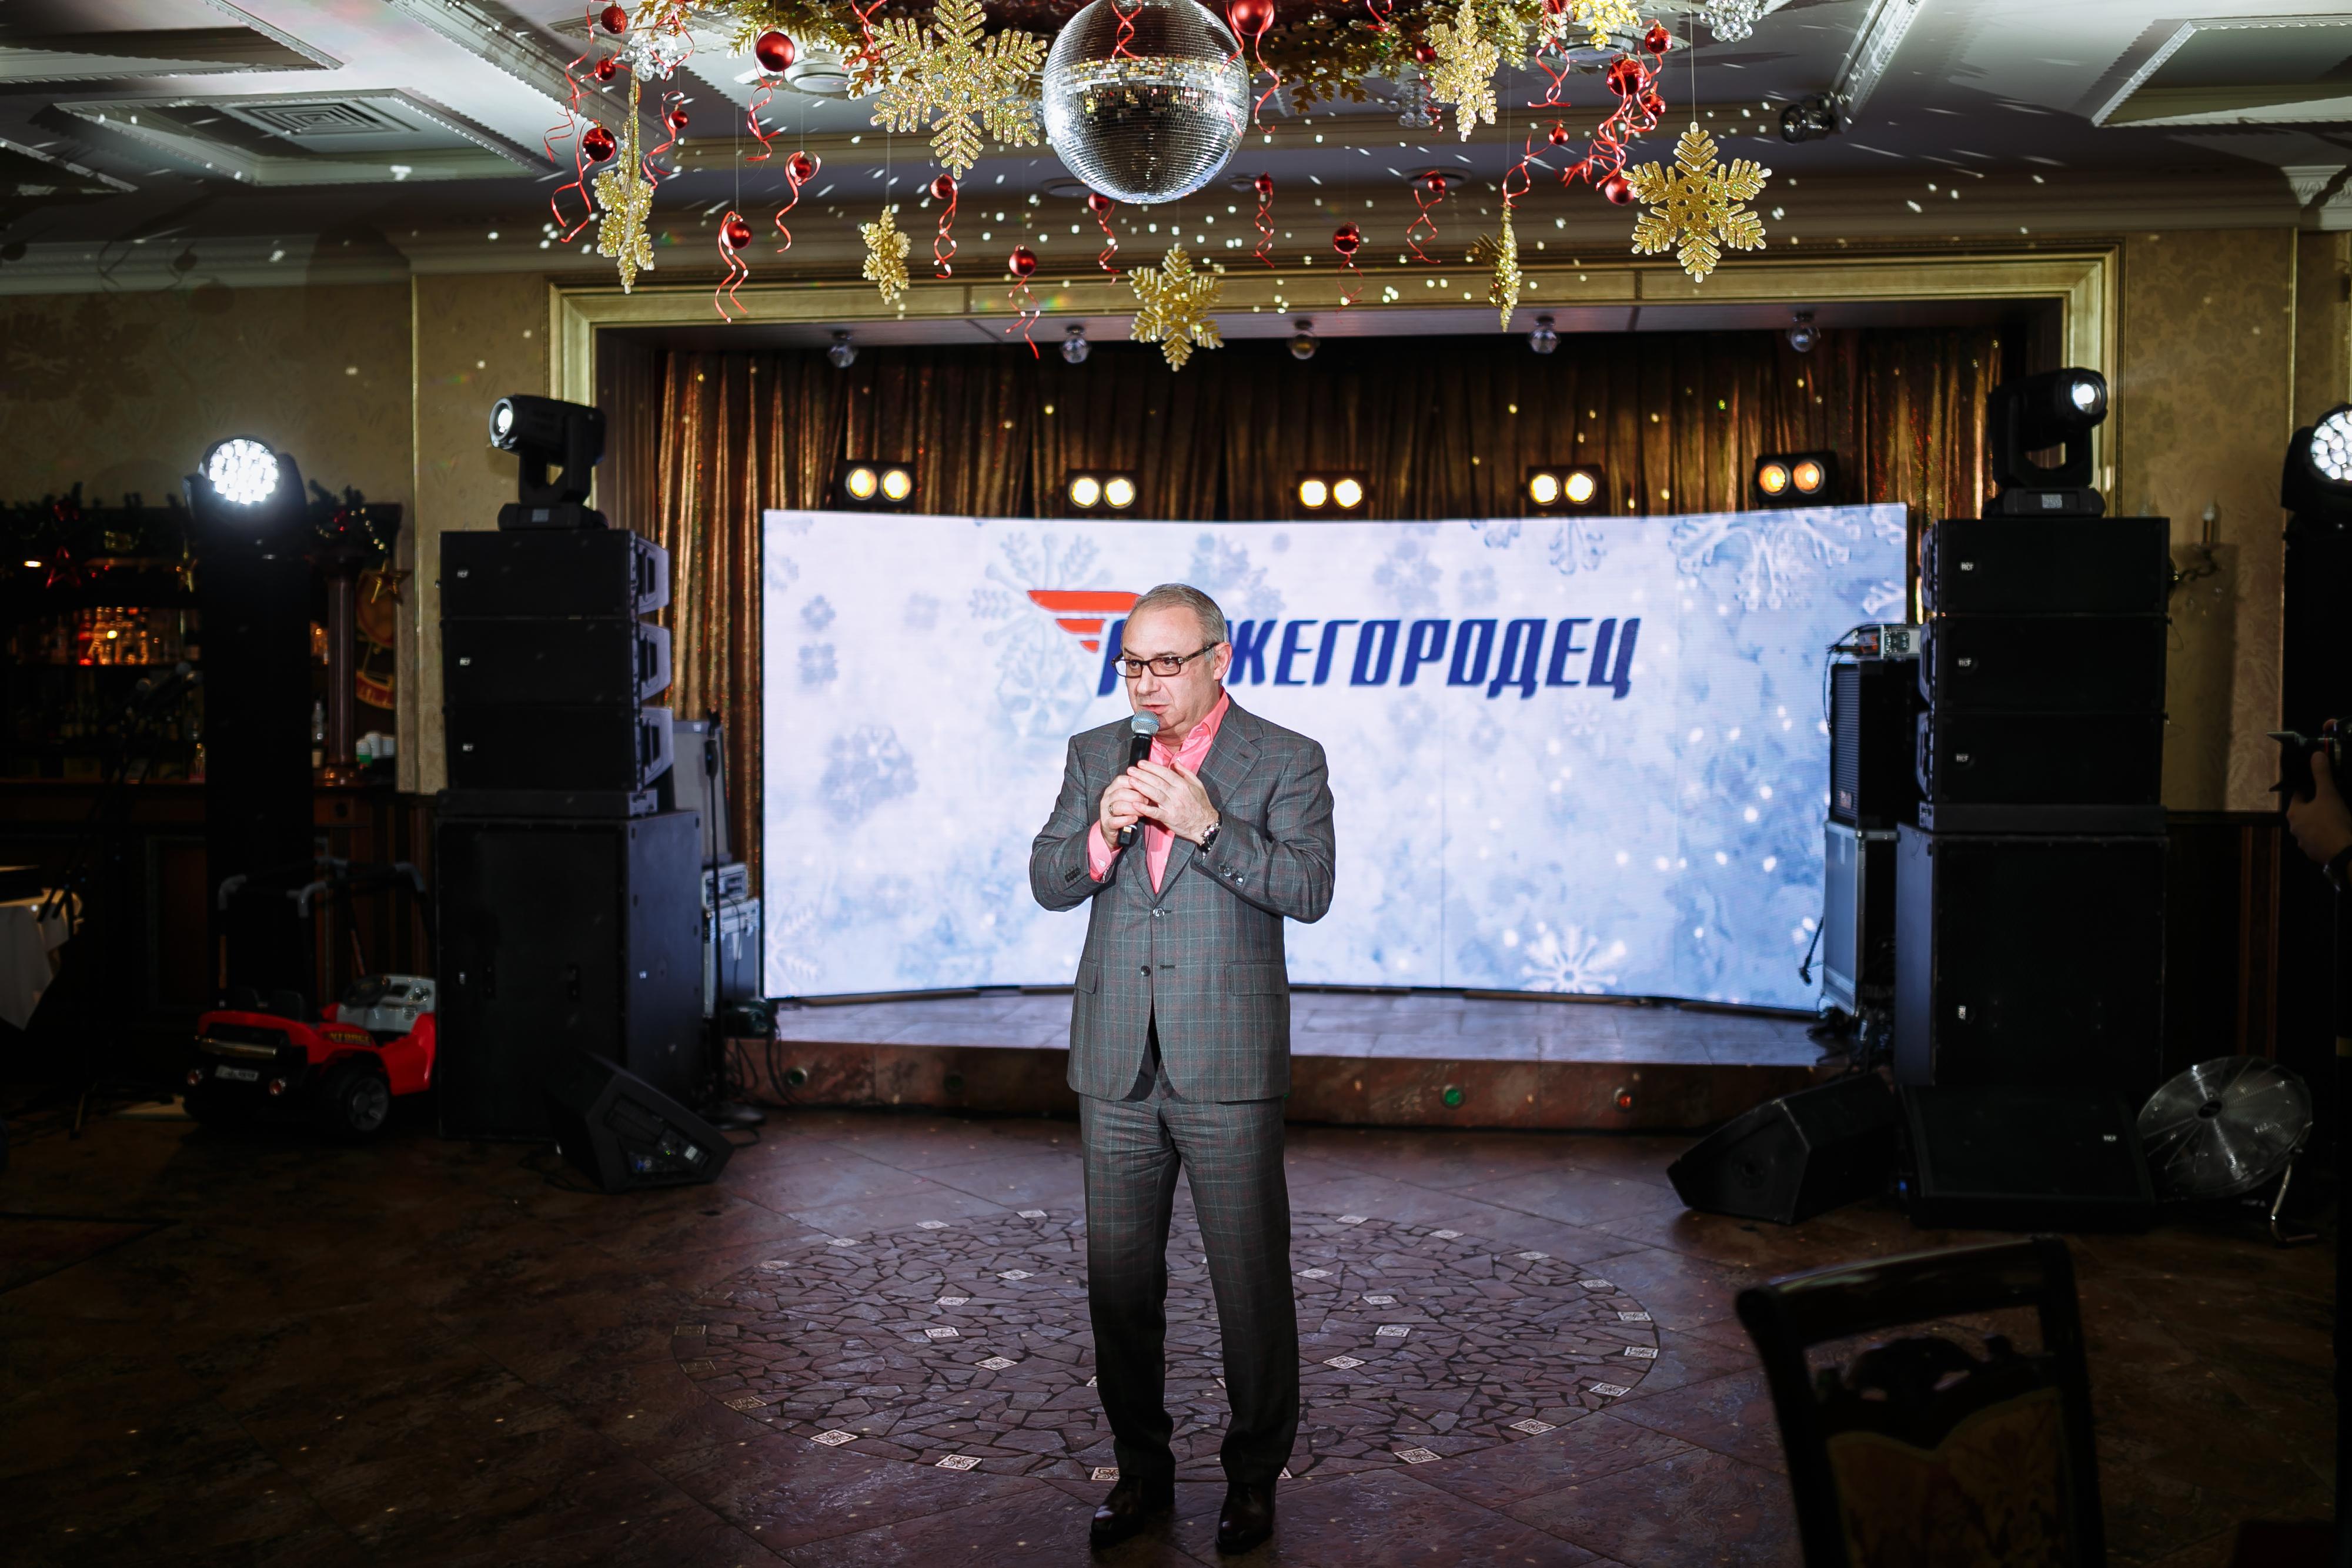 Корпоратив | Фотограф Егерев Максим